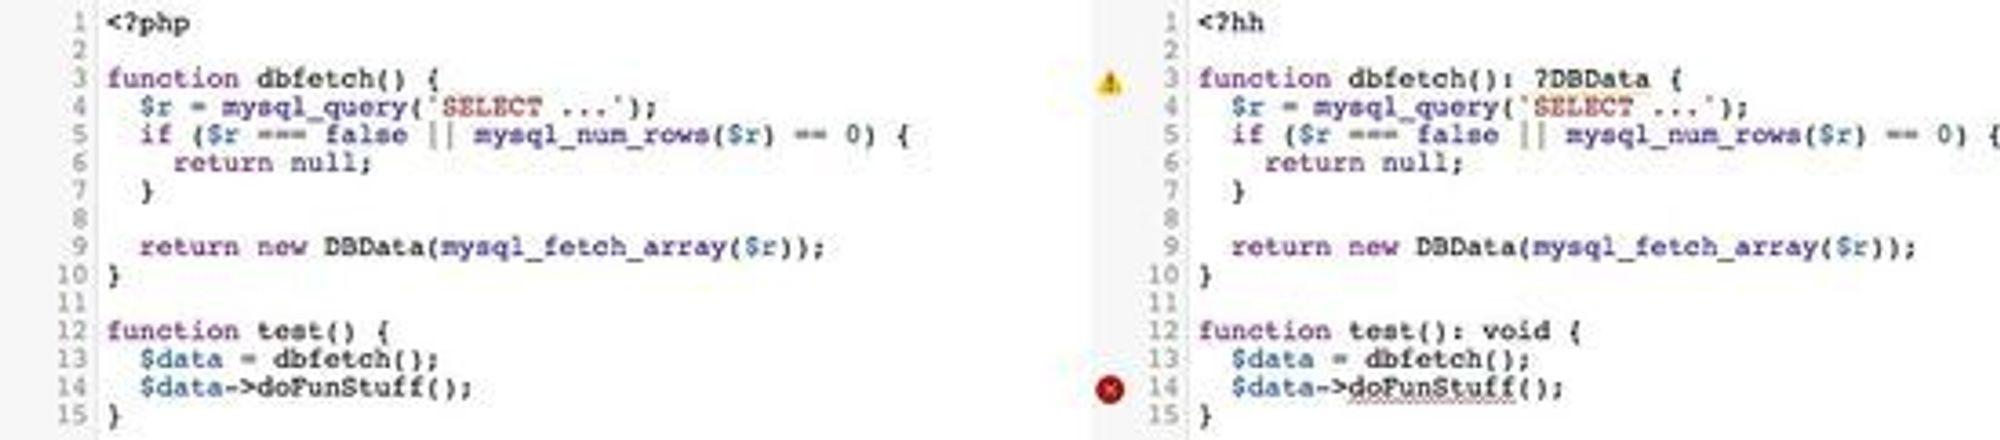 Det samme kodeeksempelet i PHP (tv) og i Hack. Kallet på doFunStuff()-funksjonen i DBData-klassen vil ikke fungere dersom dbfetch()-funksjonen returnerer en nullverdi.